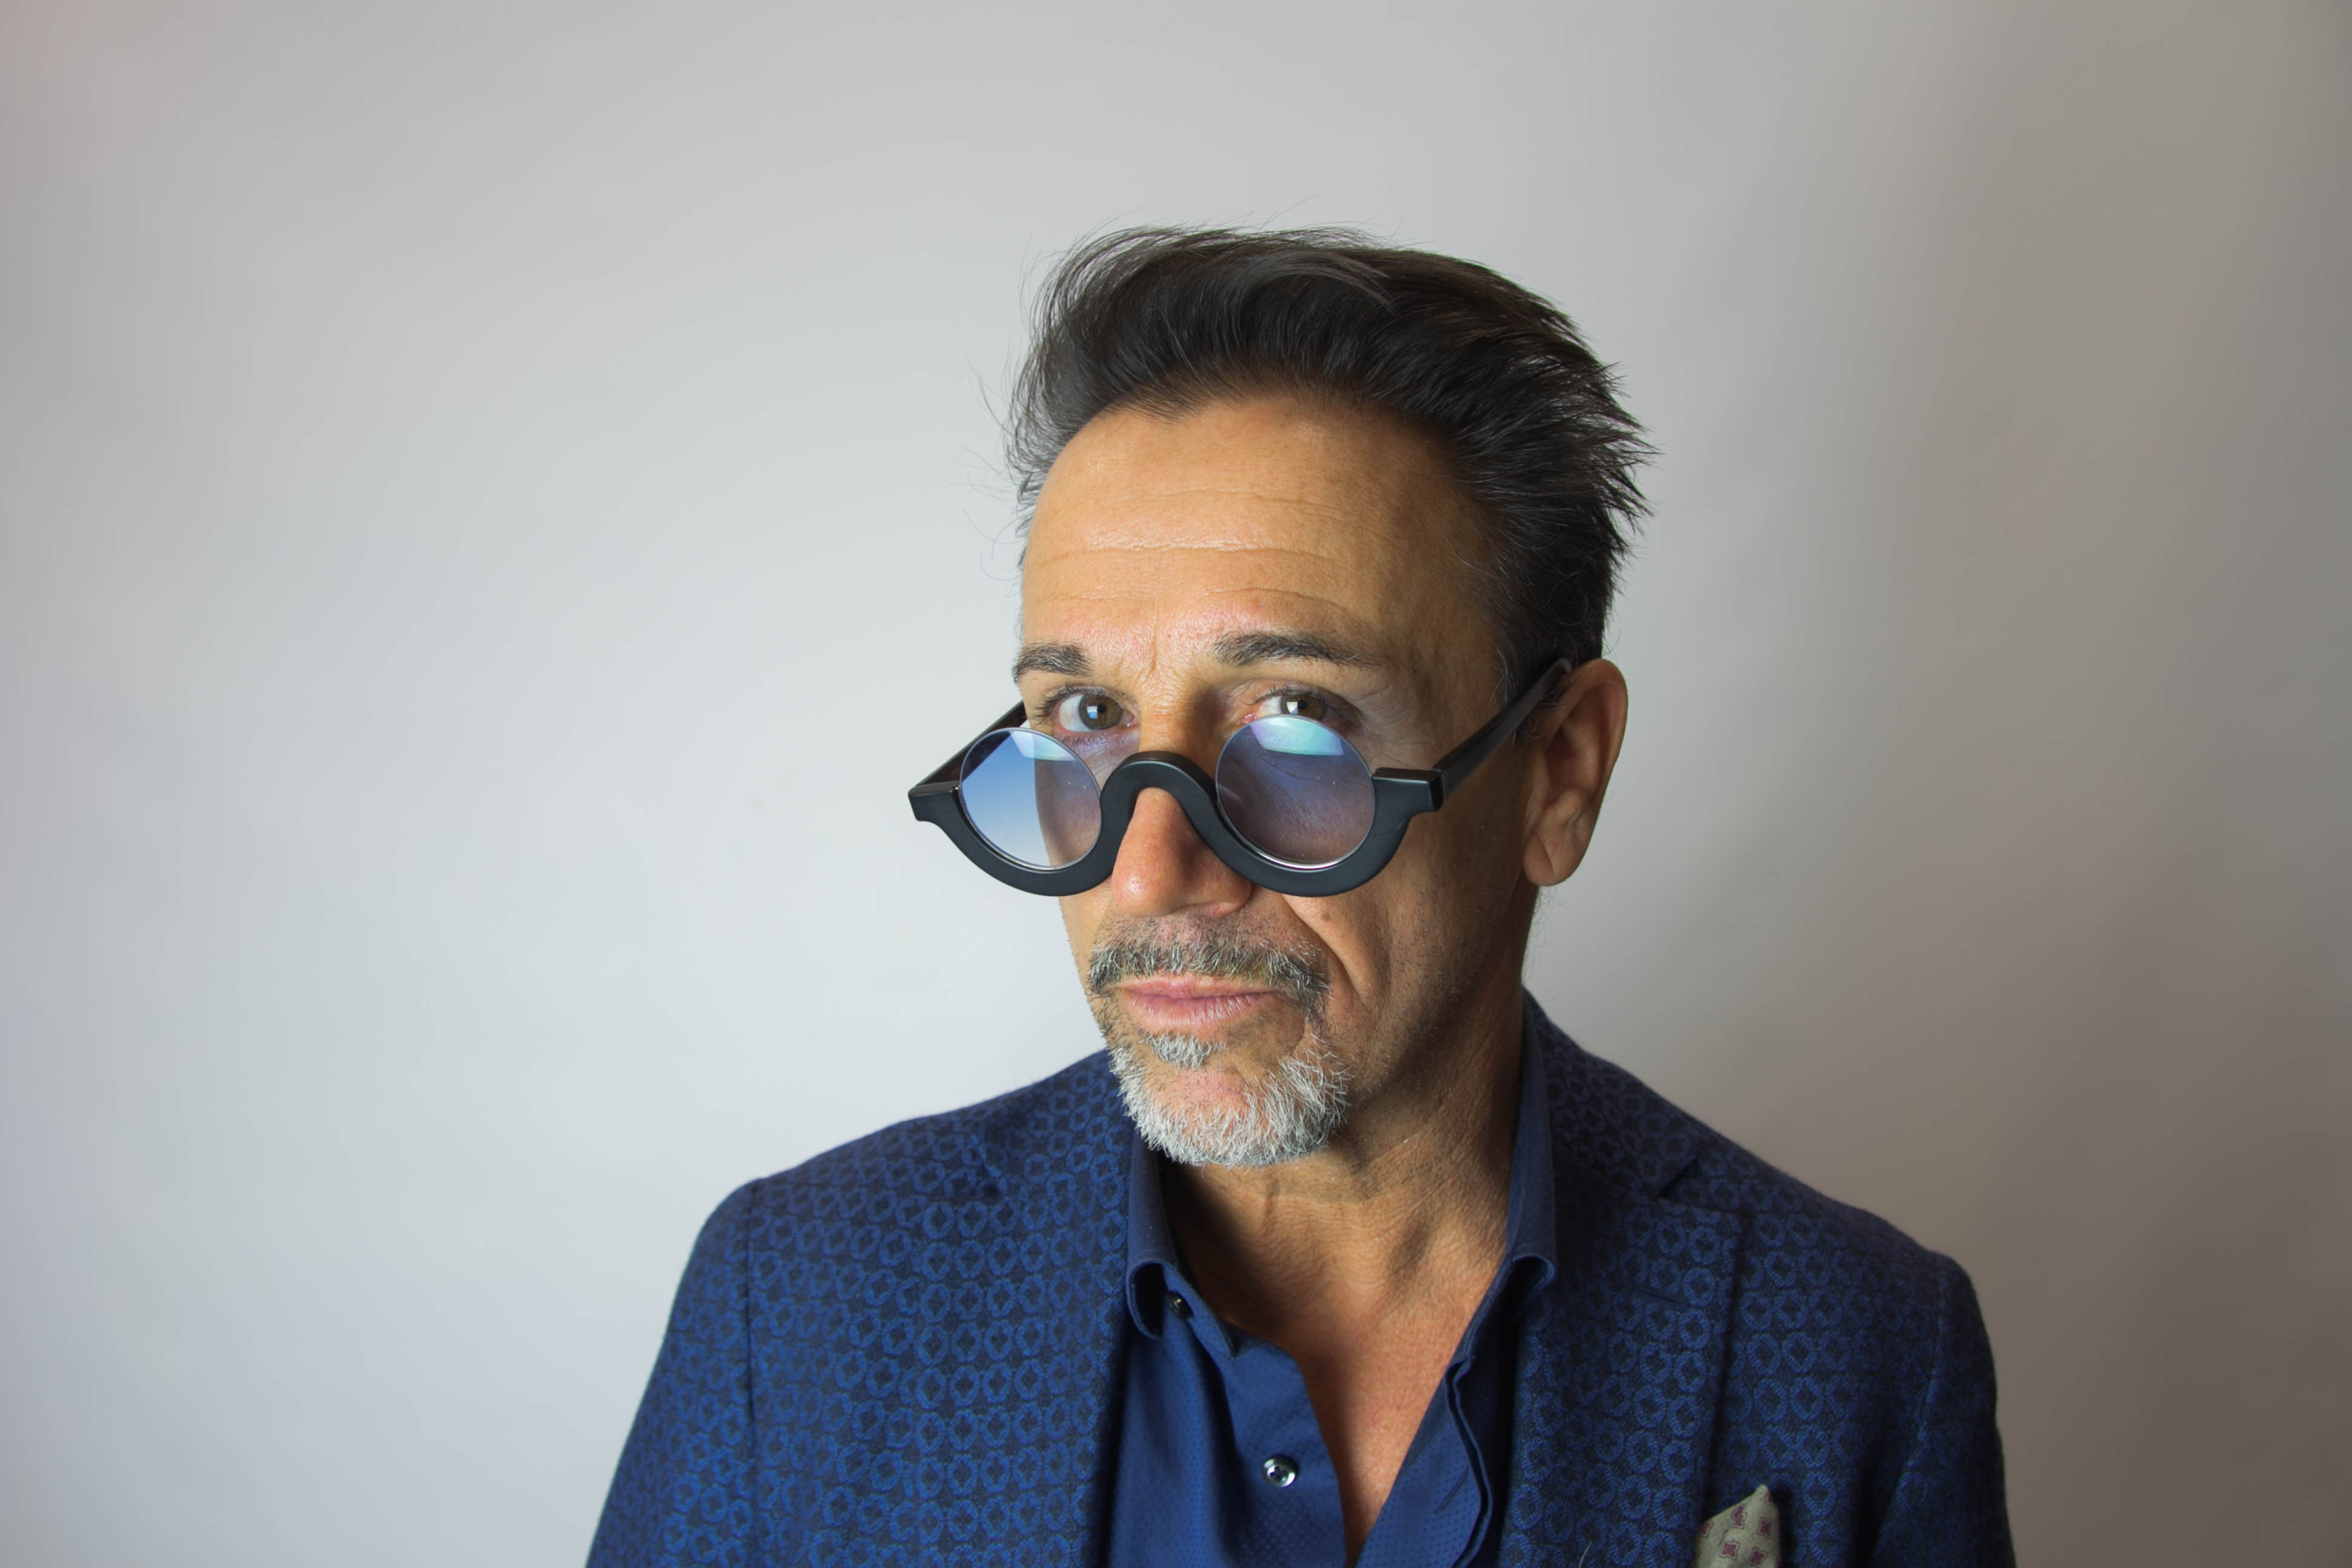 Gilberto-Dellacqua-consulente-stilistico-personale-personal-stylist-milano-lombardia-